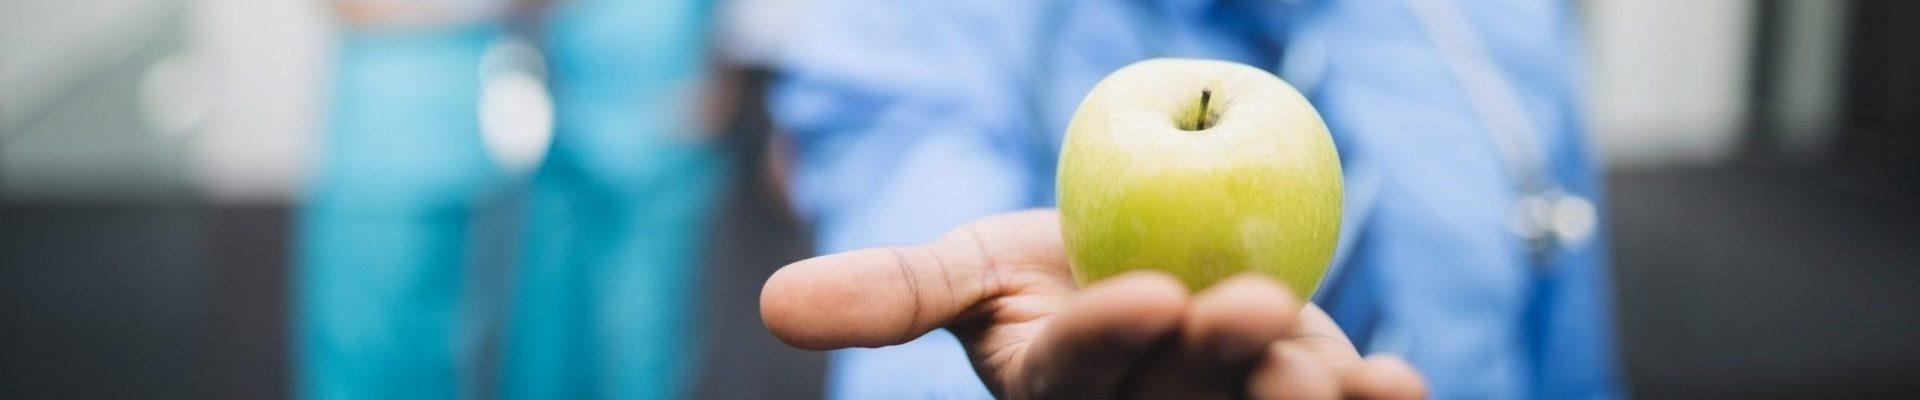 mordre dans une pomme avec des implants dentaires